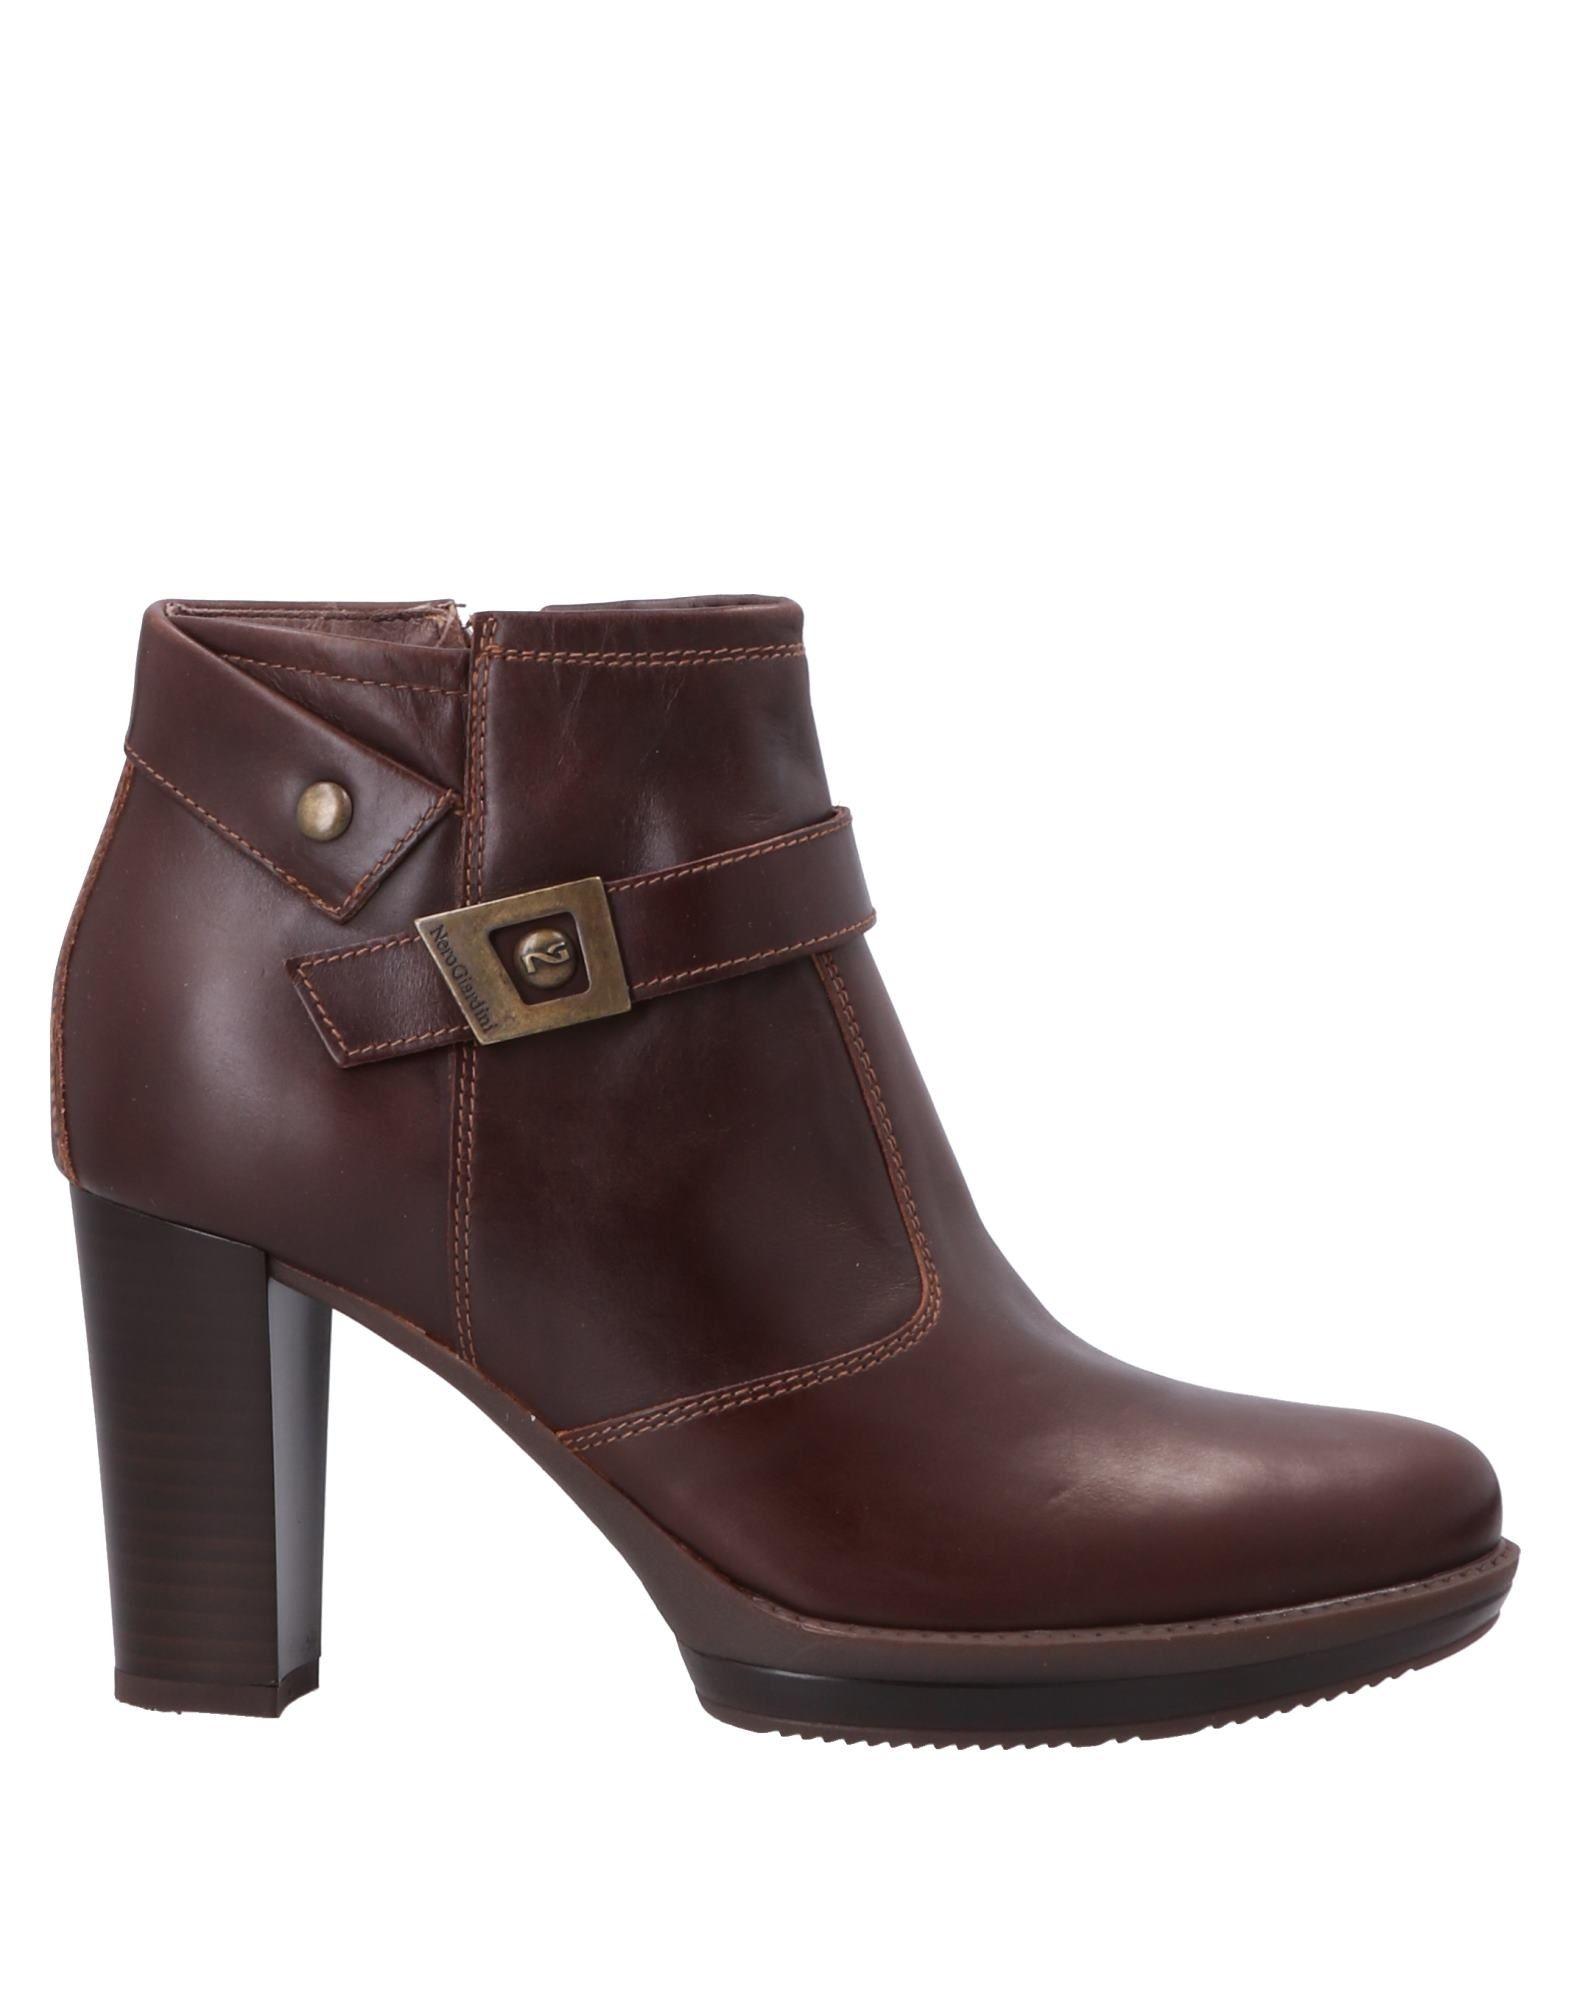 Nero Giardini Stiefelette Damen  11487491IH Gute Qualität beliebte Schuhe